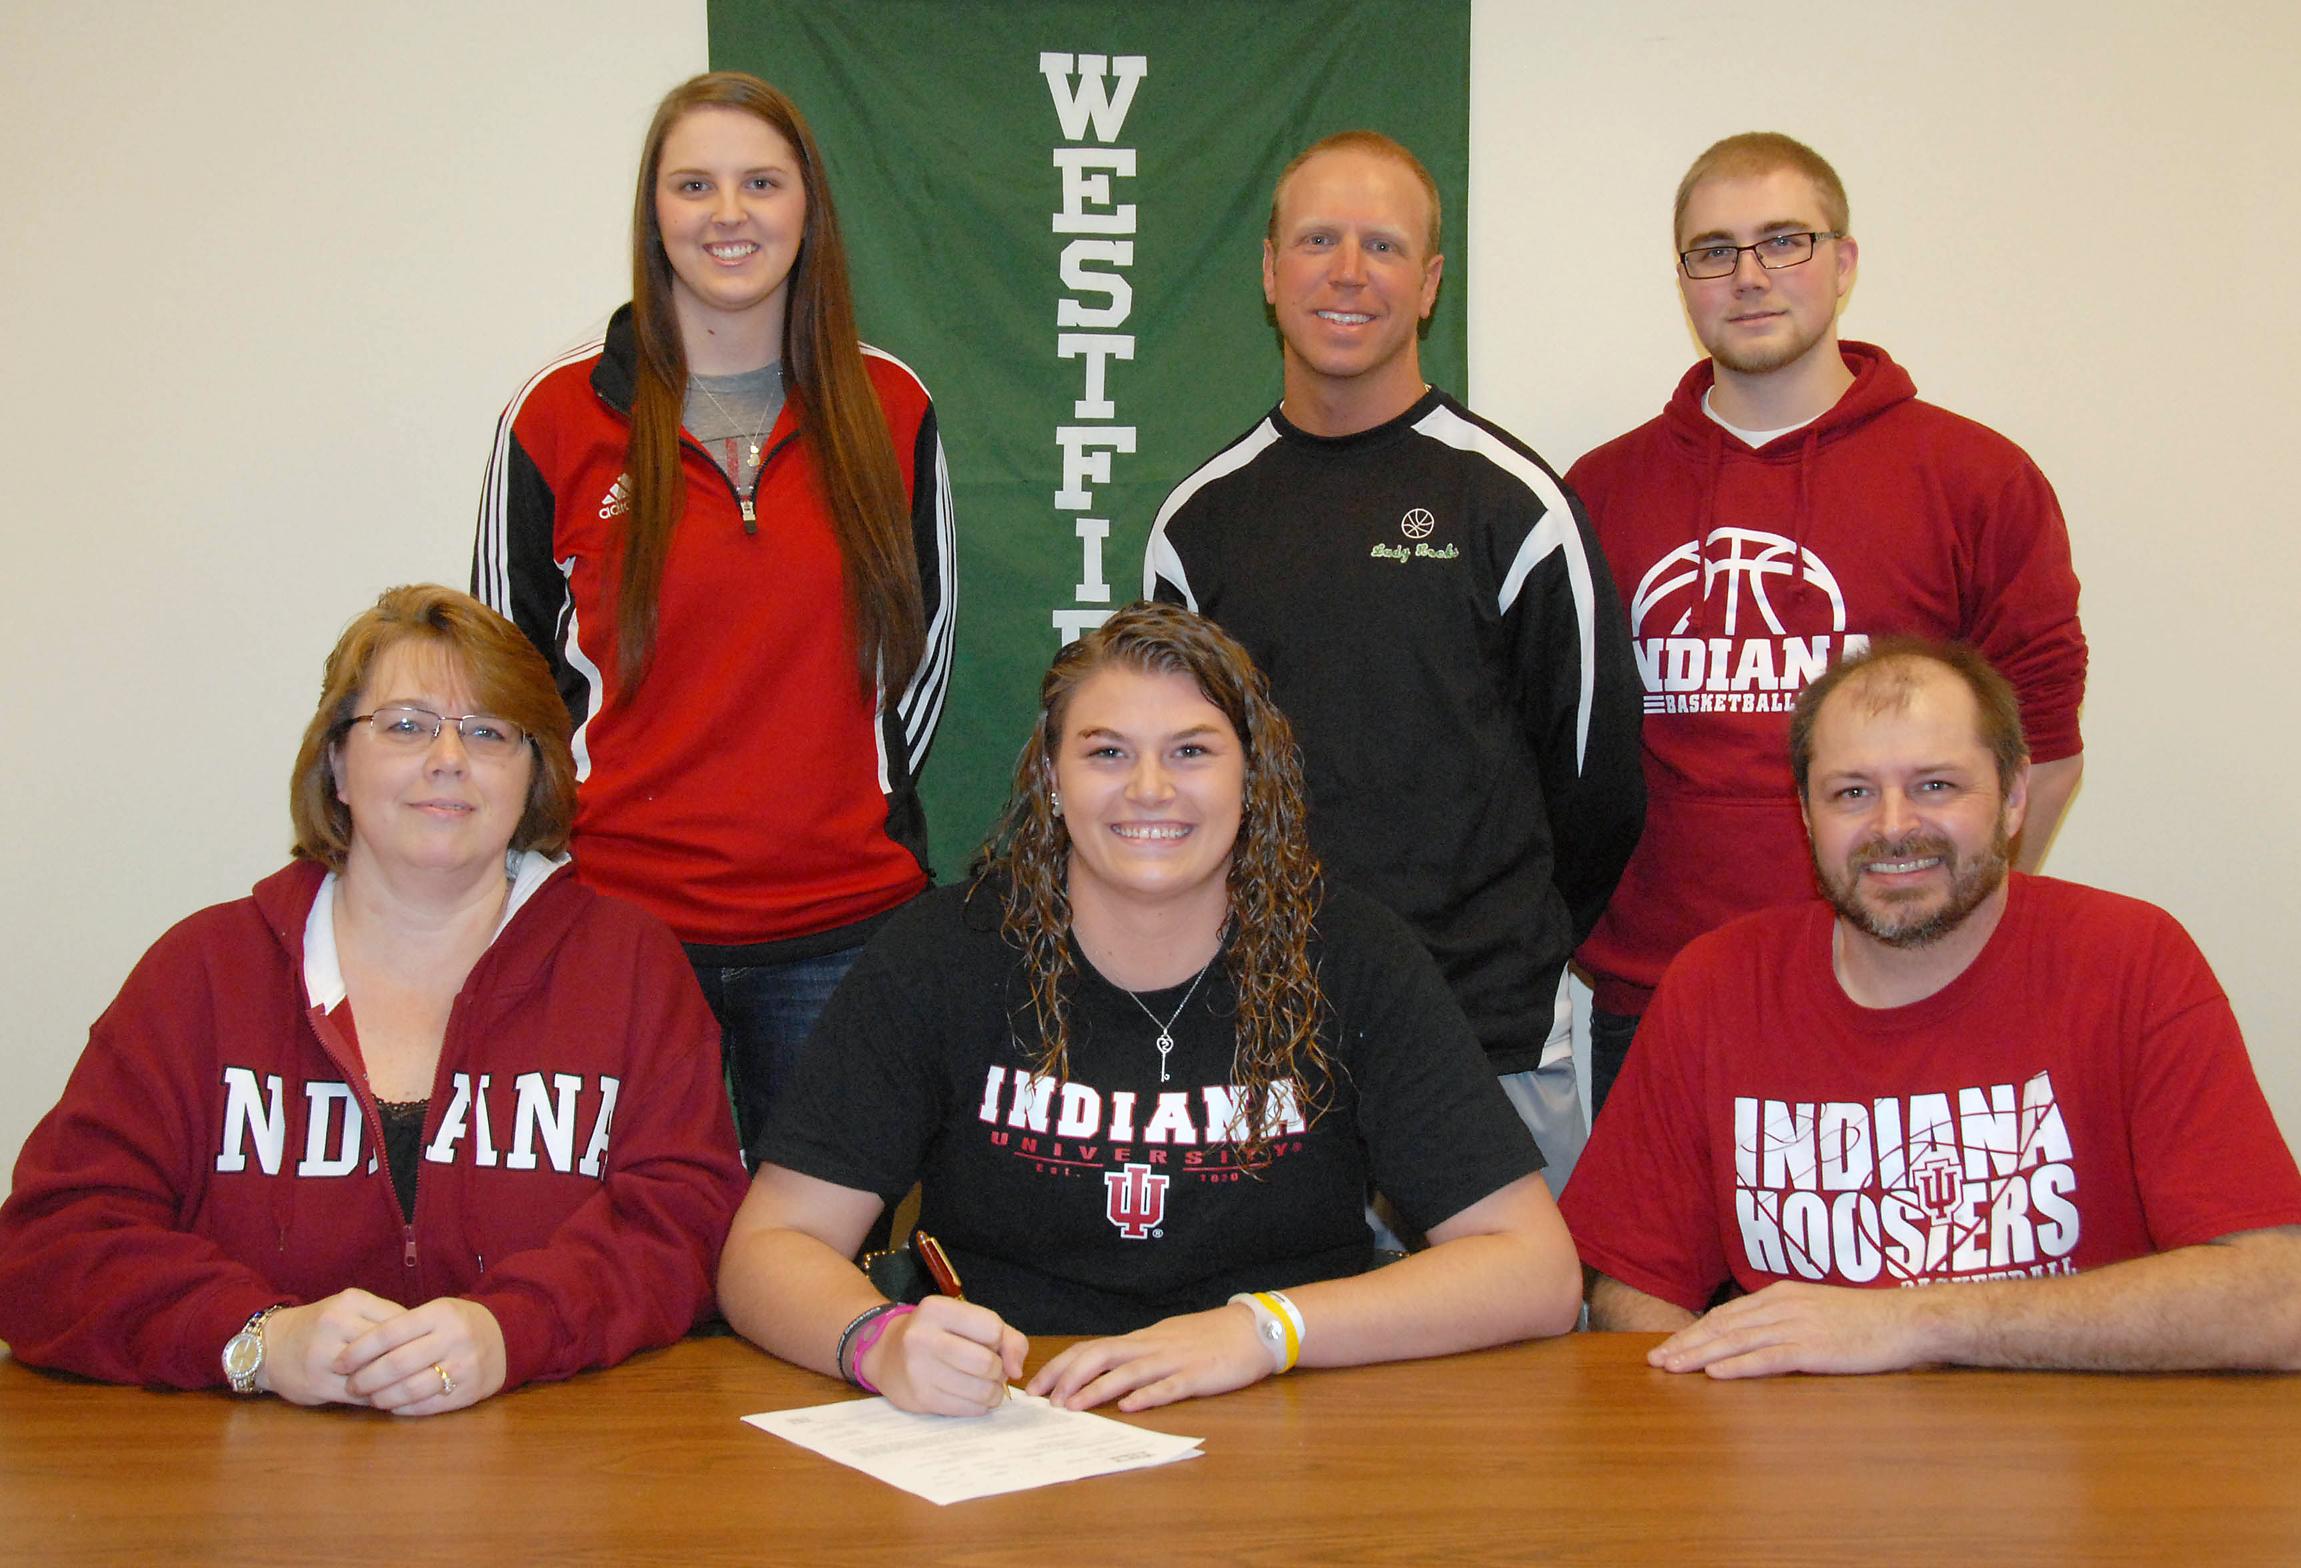 Indiana university 1